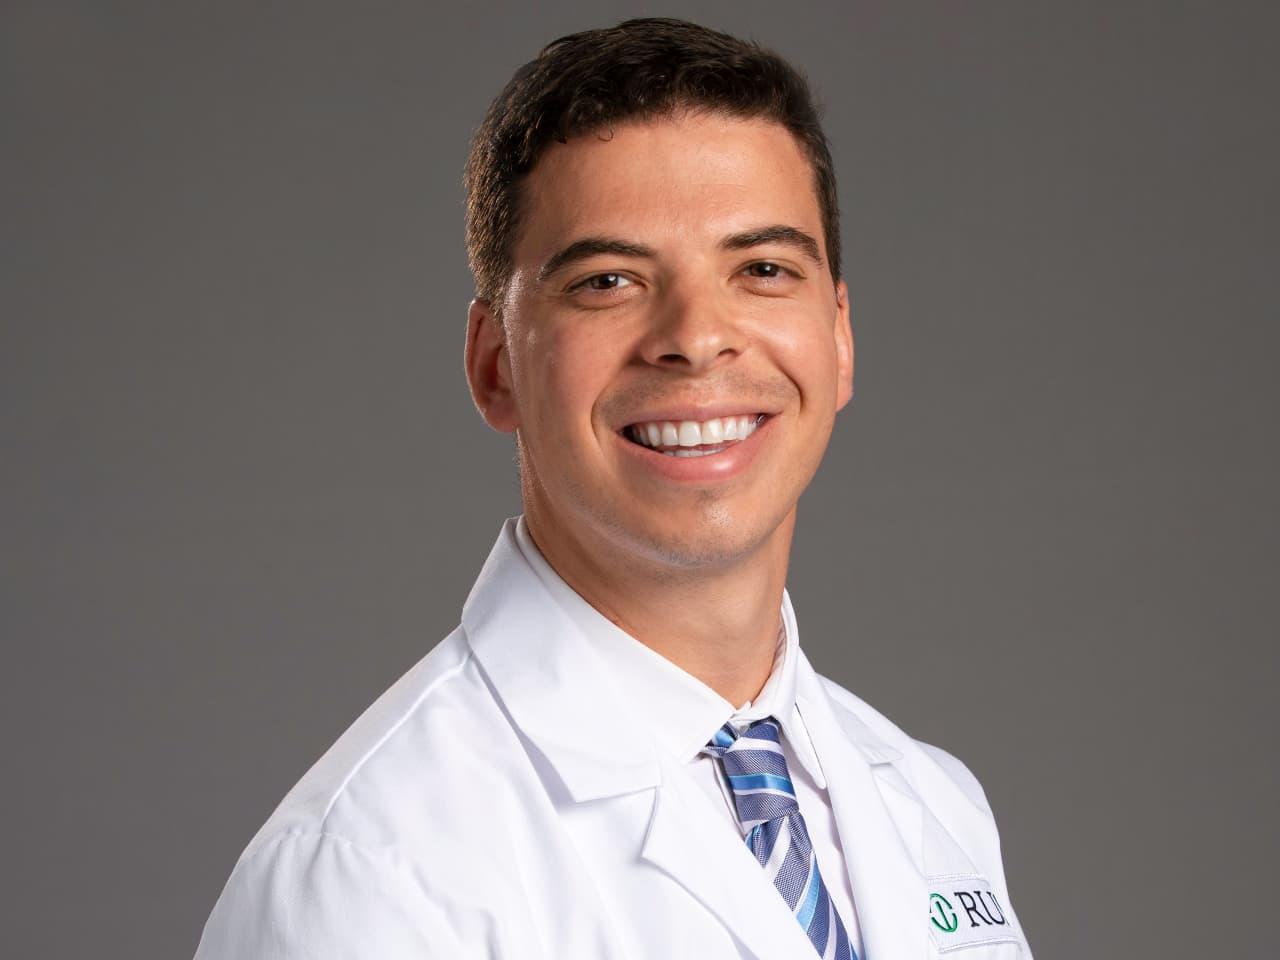 Andrew Mehlman, MD